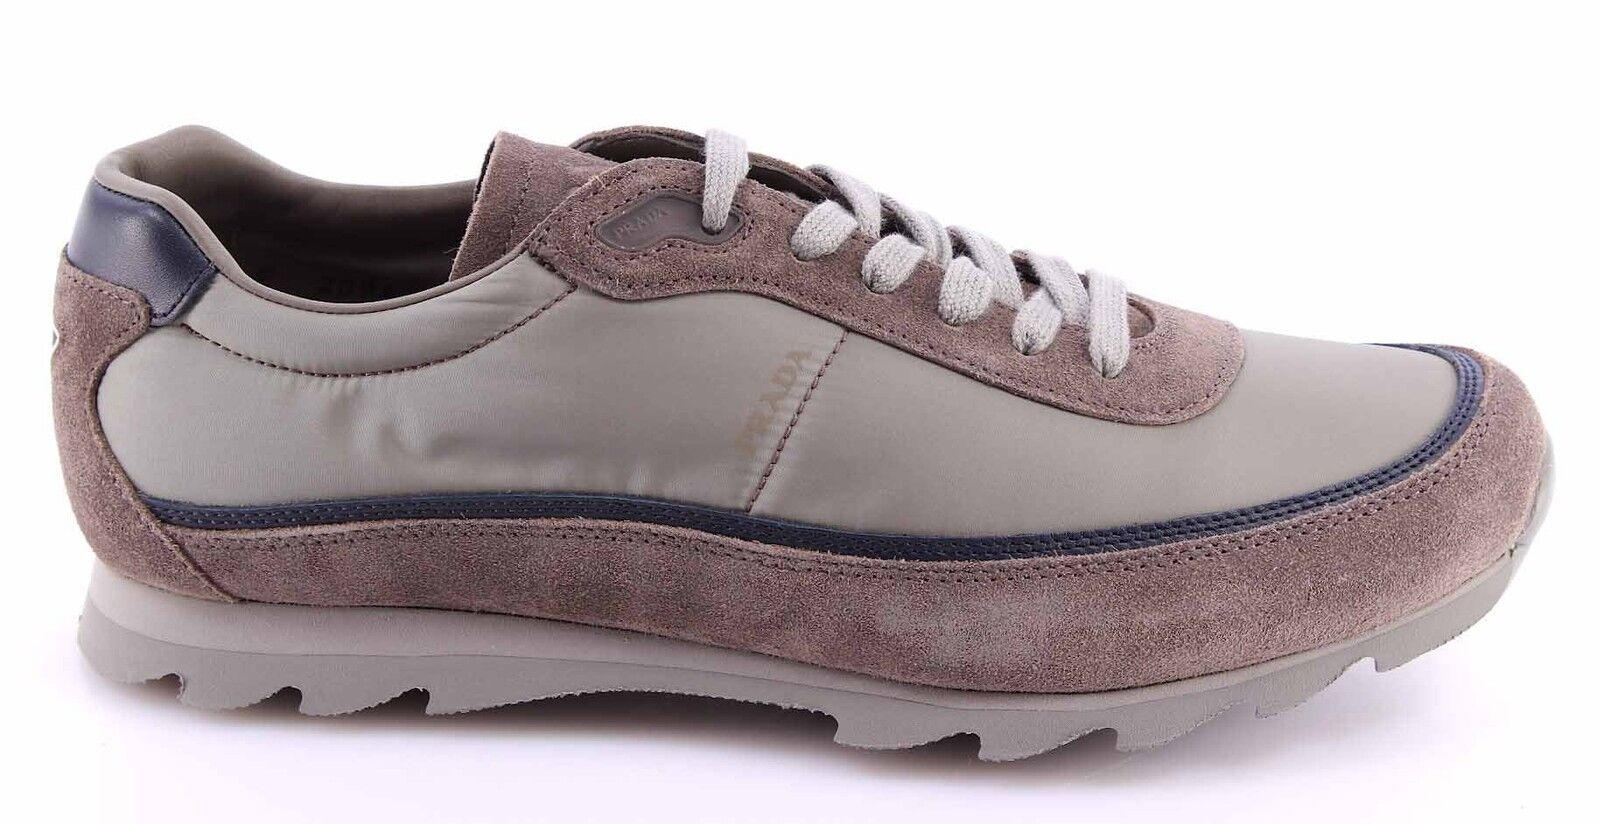 Herren Turnschuhe Schuhe PRADA 4E2094 Cromo grau Nylon Nevada2 Wildleder Beige